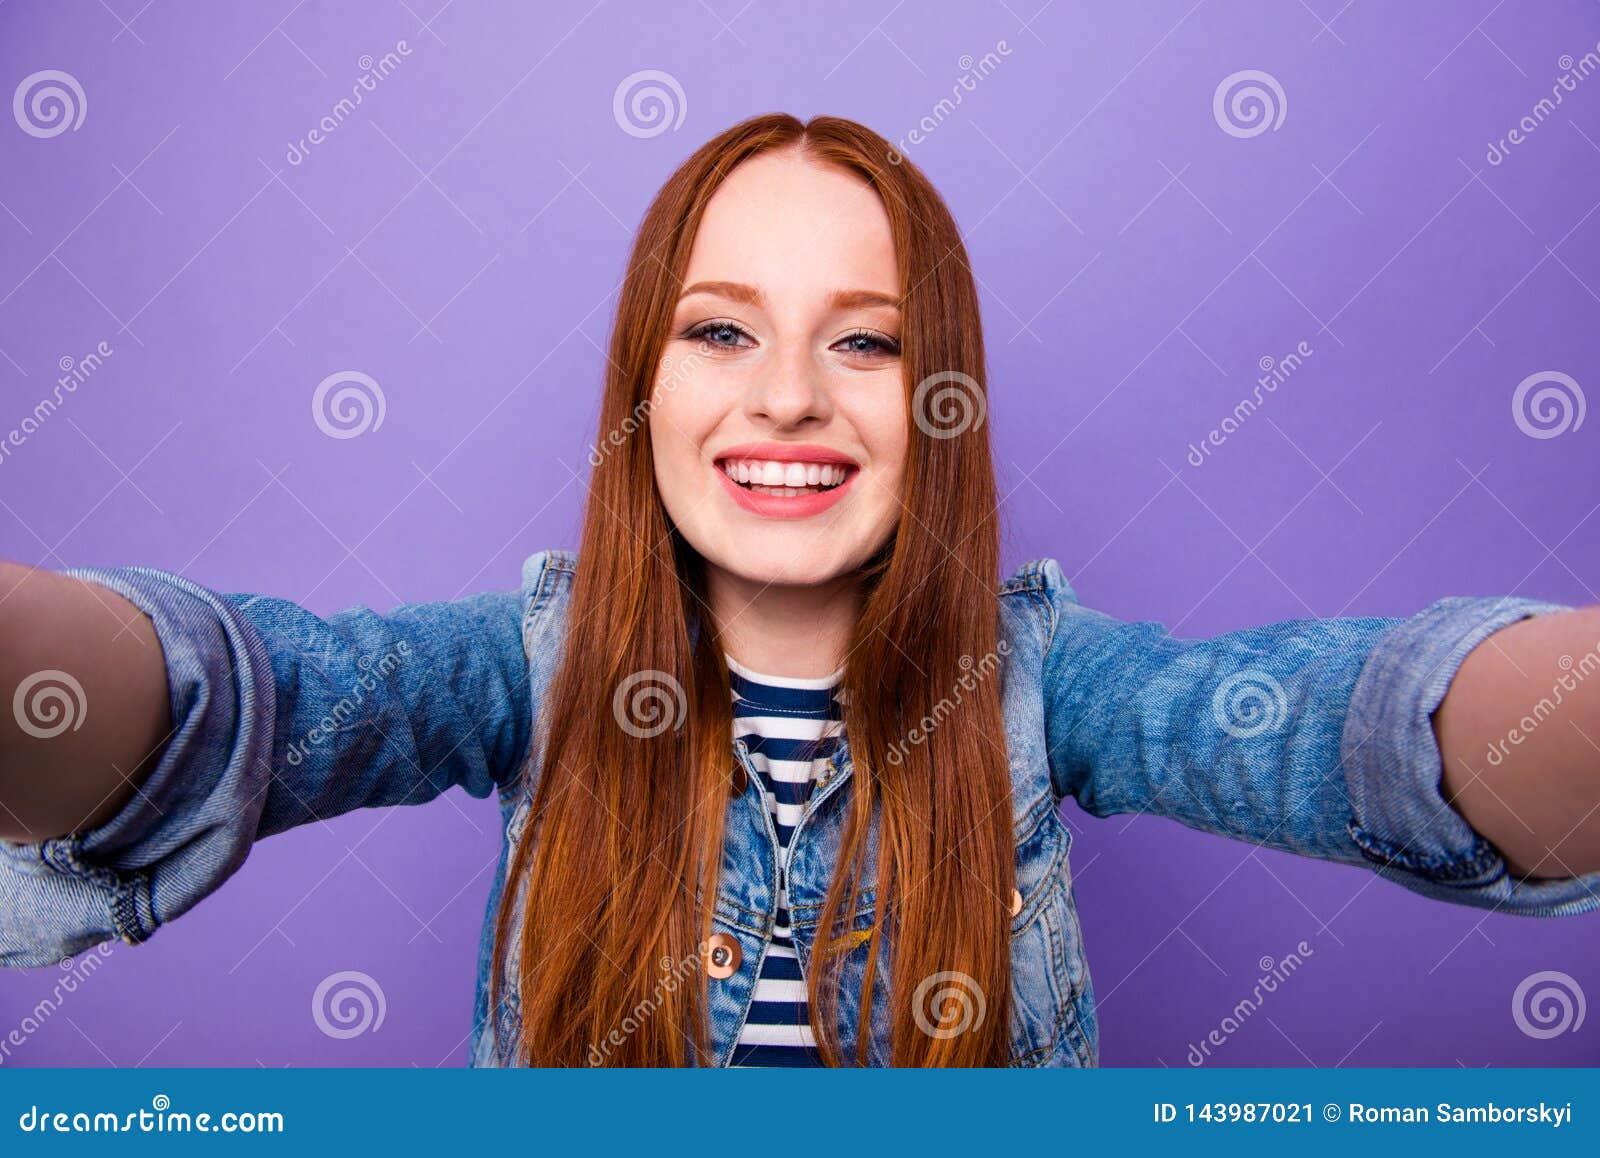 Μόνος-πορτρέτο της αυτή συμπαθητικός ελκυστικός γοητευτικός χαριτωμένος χαριτωμένος καλός εύθυμος χαρωπός ευθύς-μαλλιαρός γυναικε